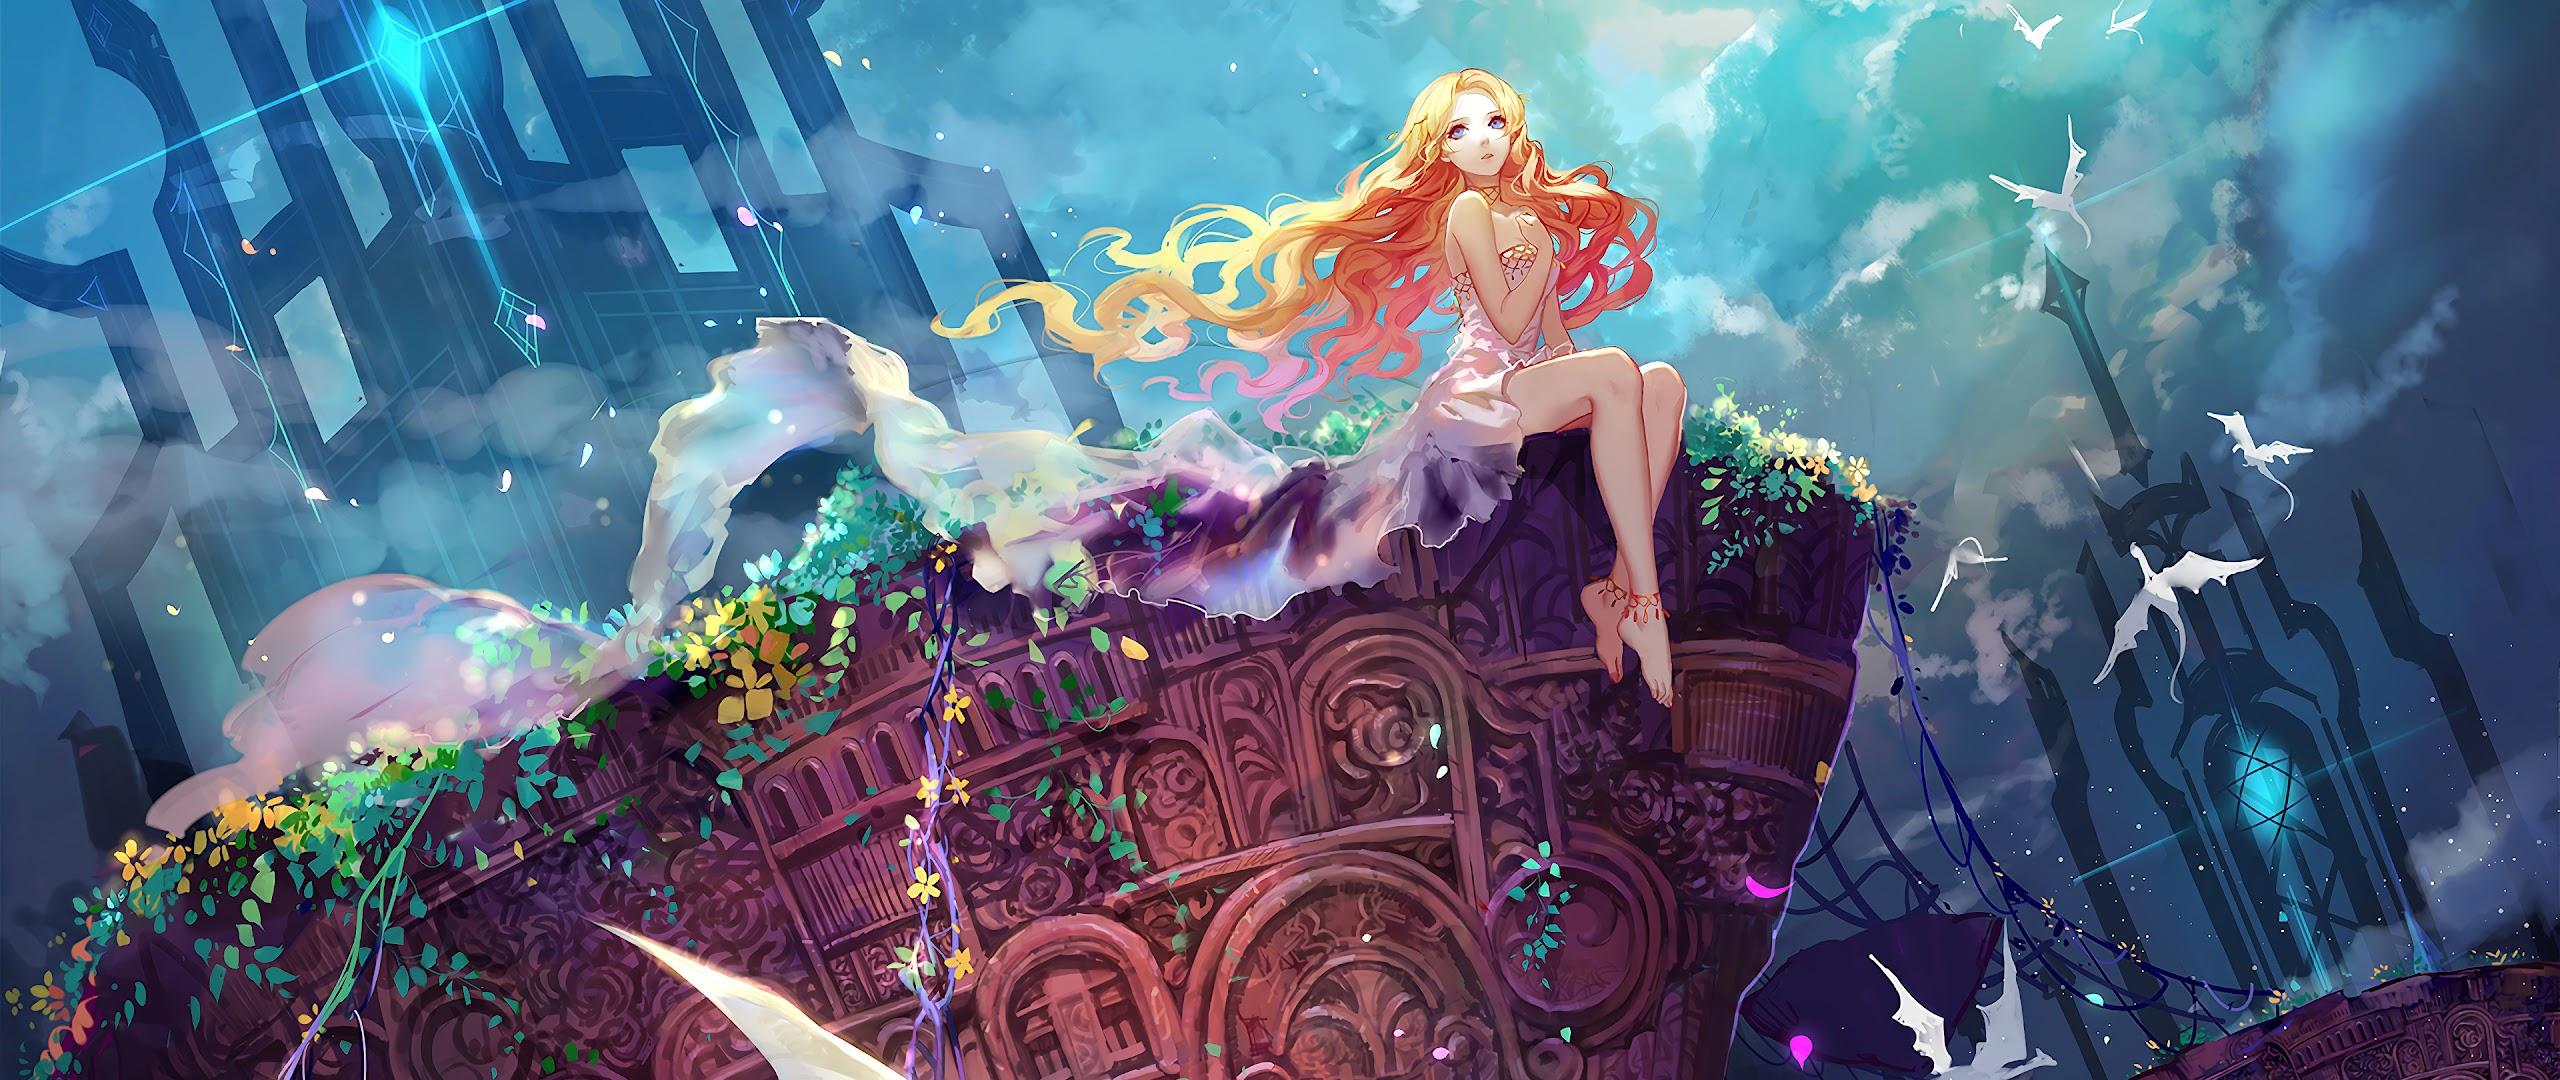 31 Ultrawide Anime Wallpaper 2560x1080 Orochi Wallpaper